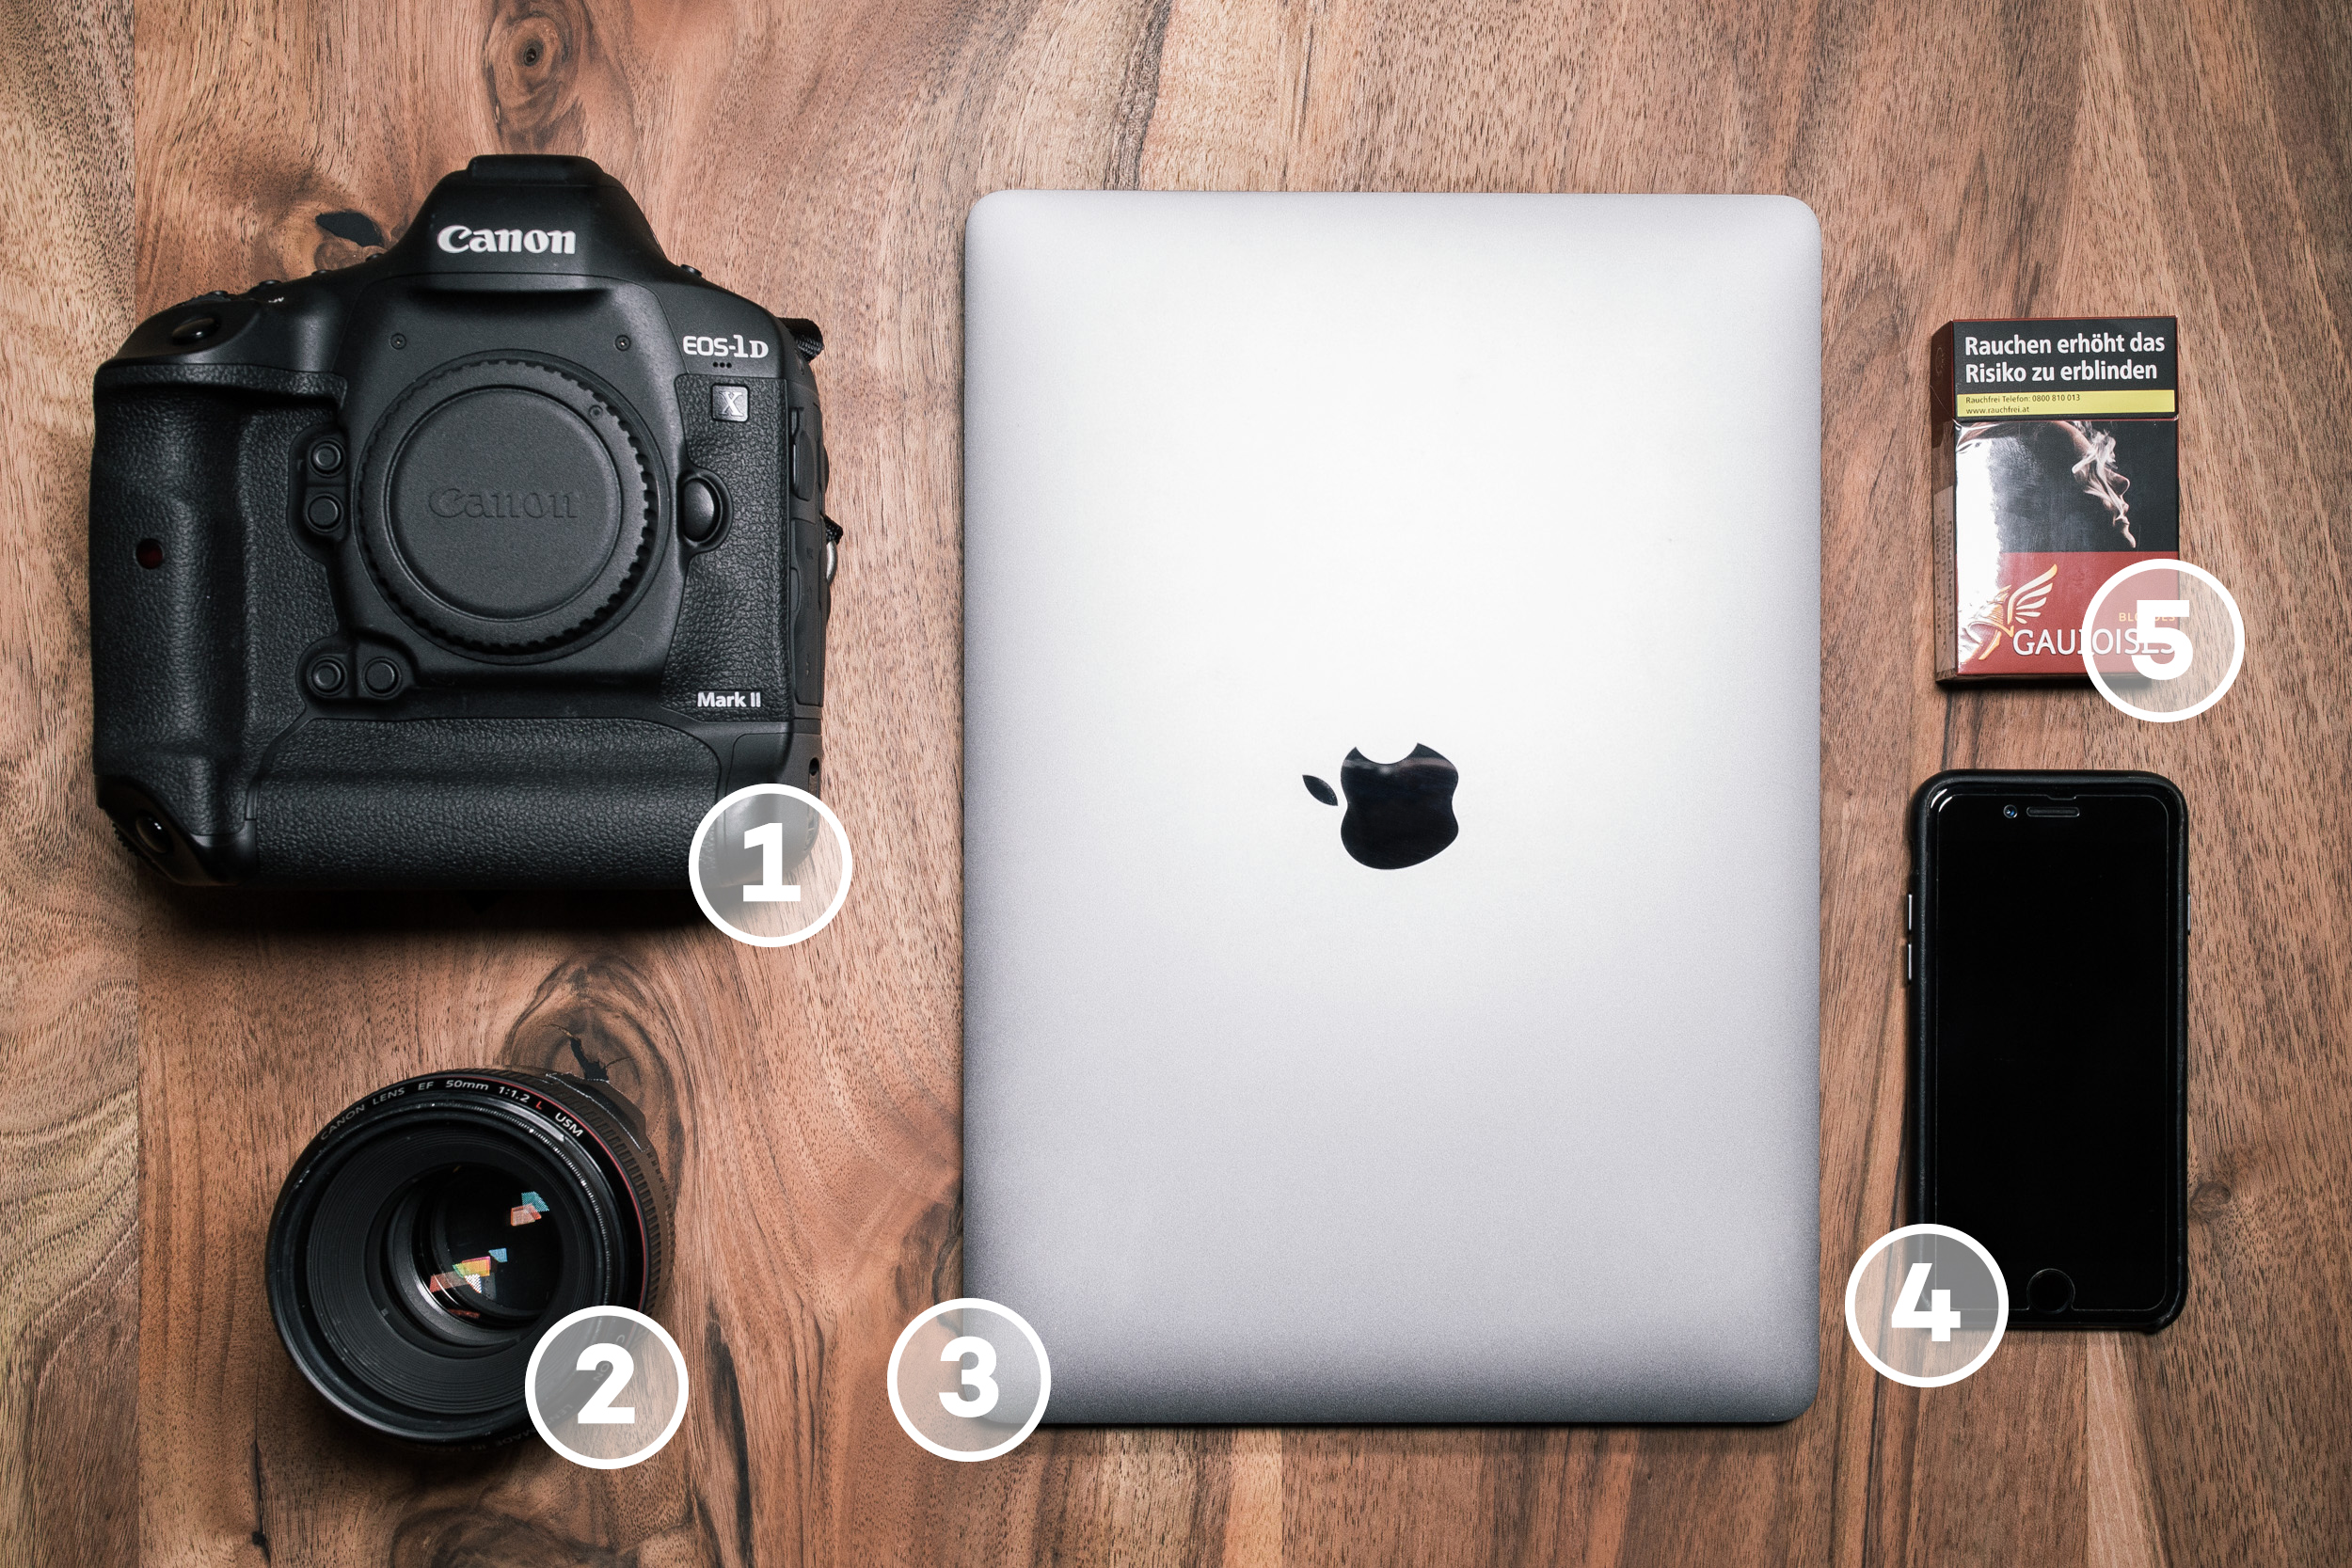 fotograf-max-brucker-constant-evolution-digitalagentur-blog.jpg